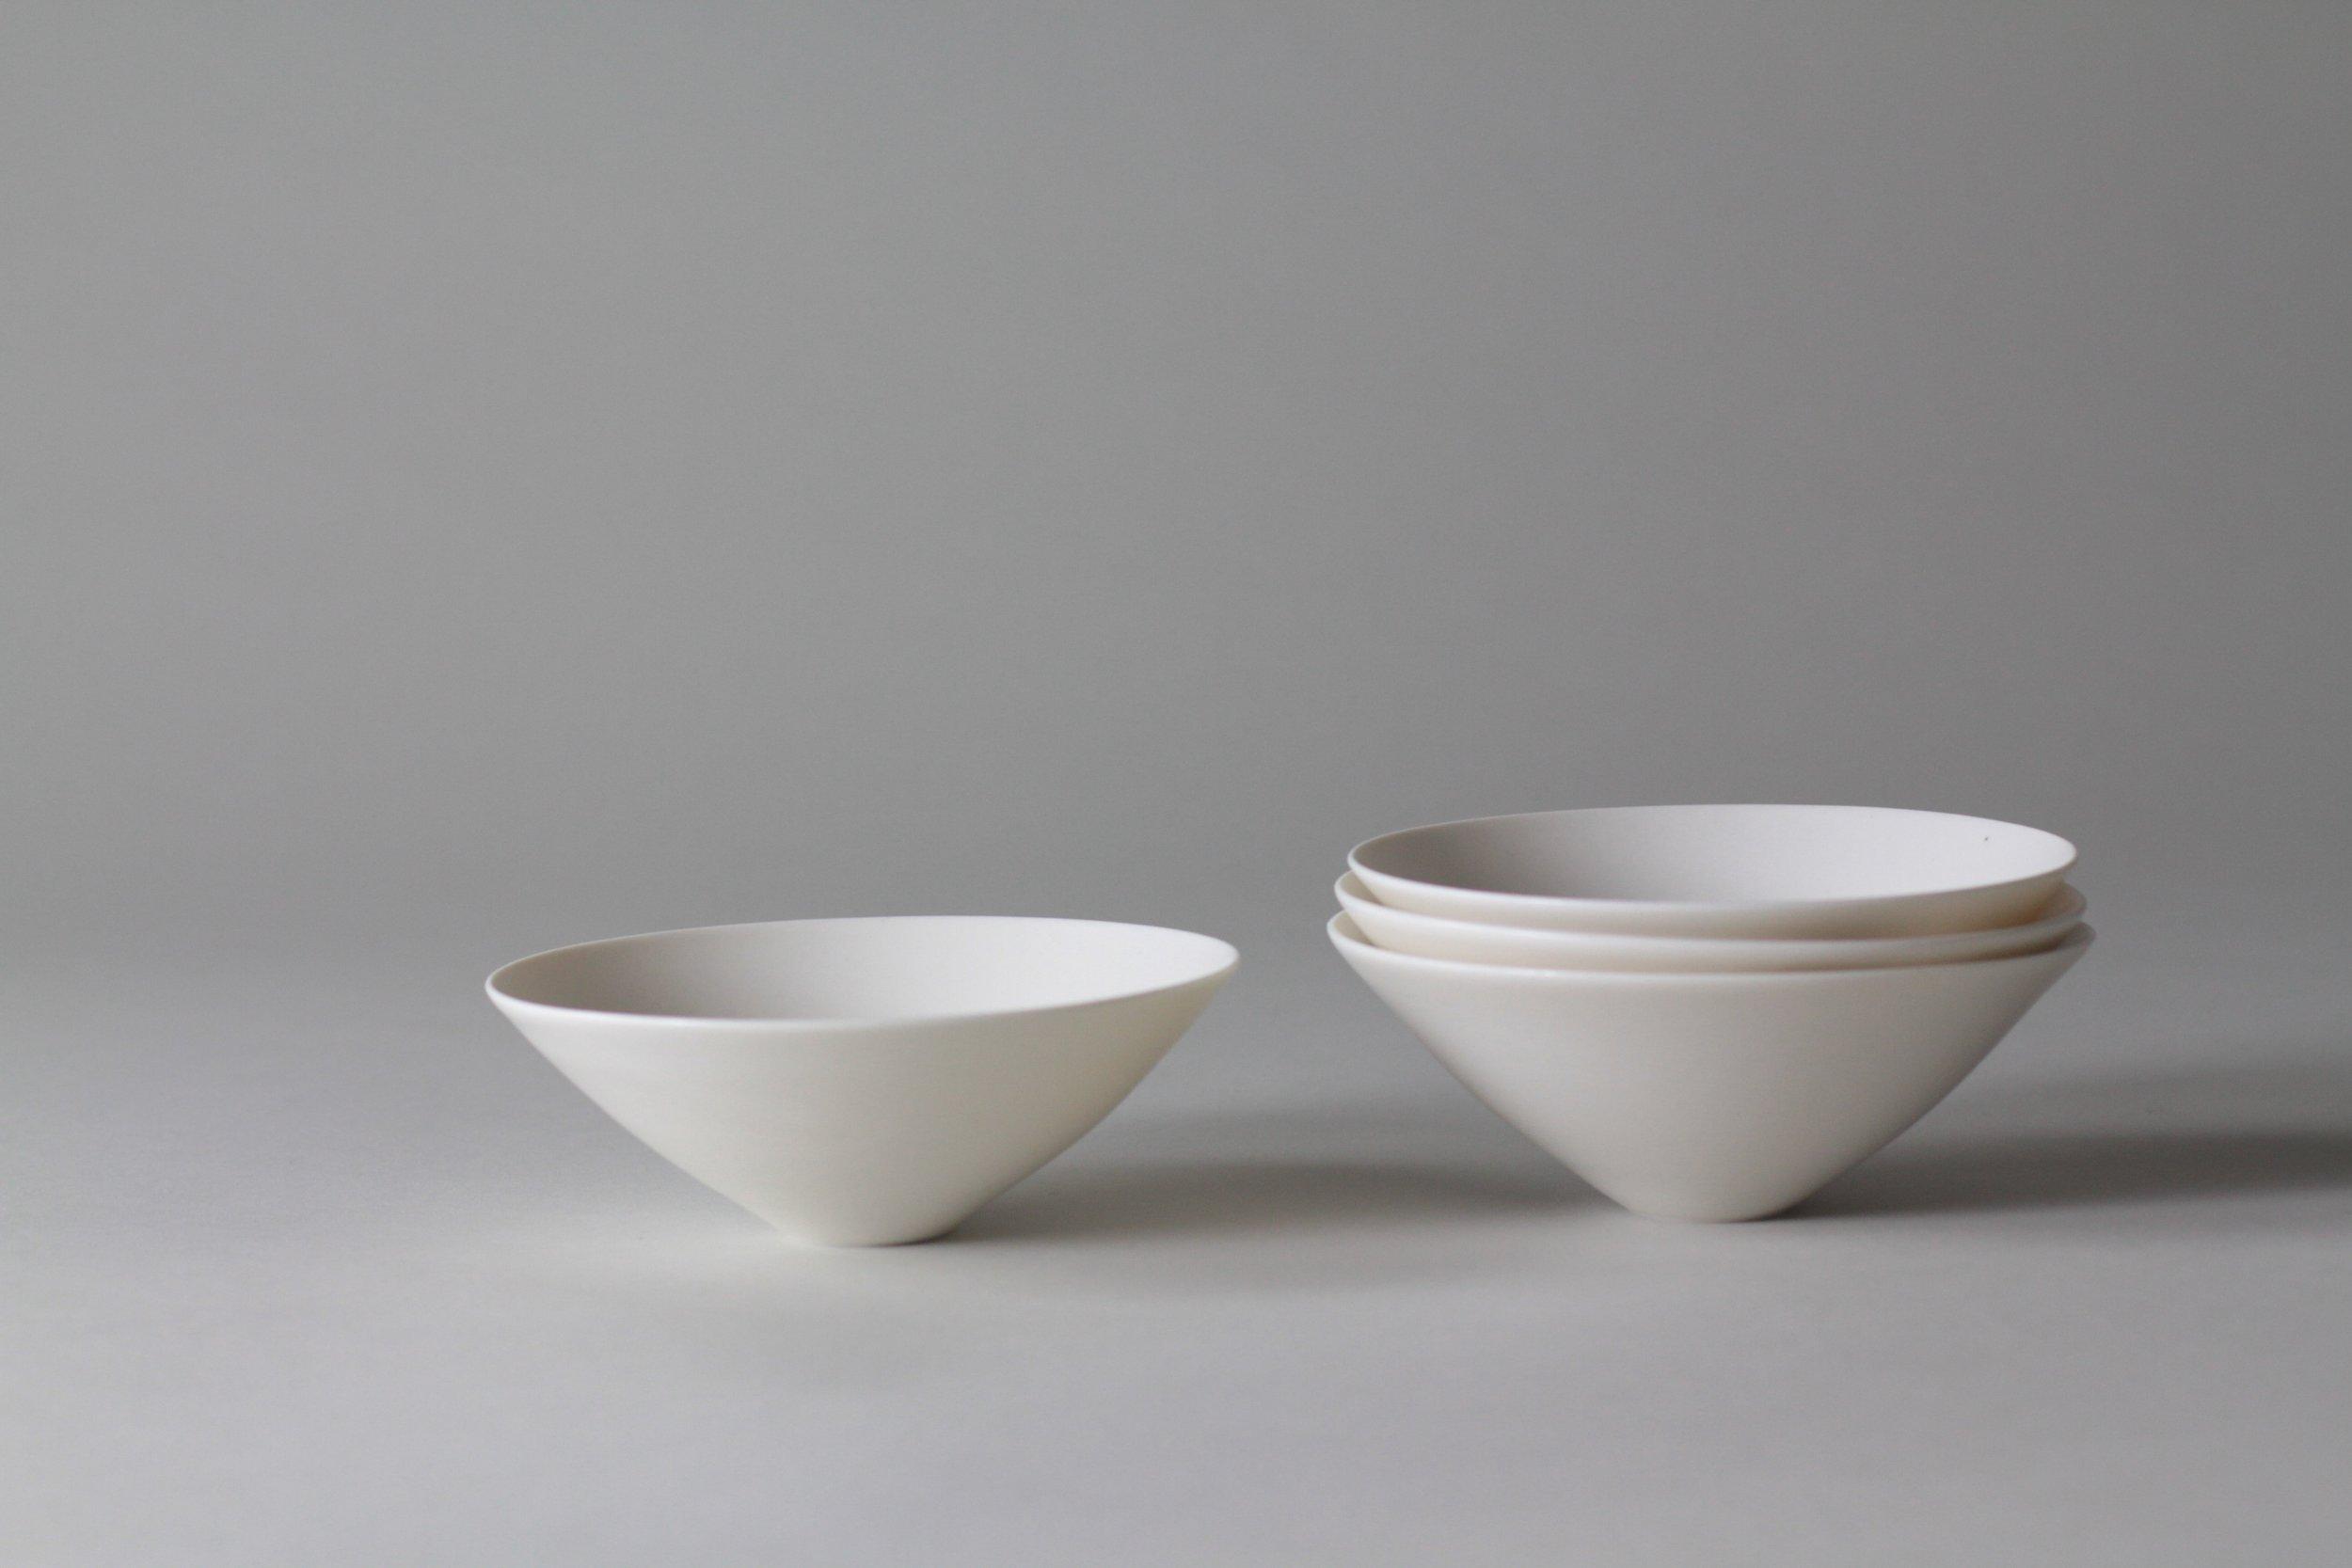 Ceramic tableware bowls by Lilith Rockett, Portland, Oregon